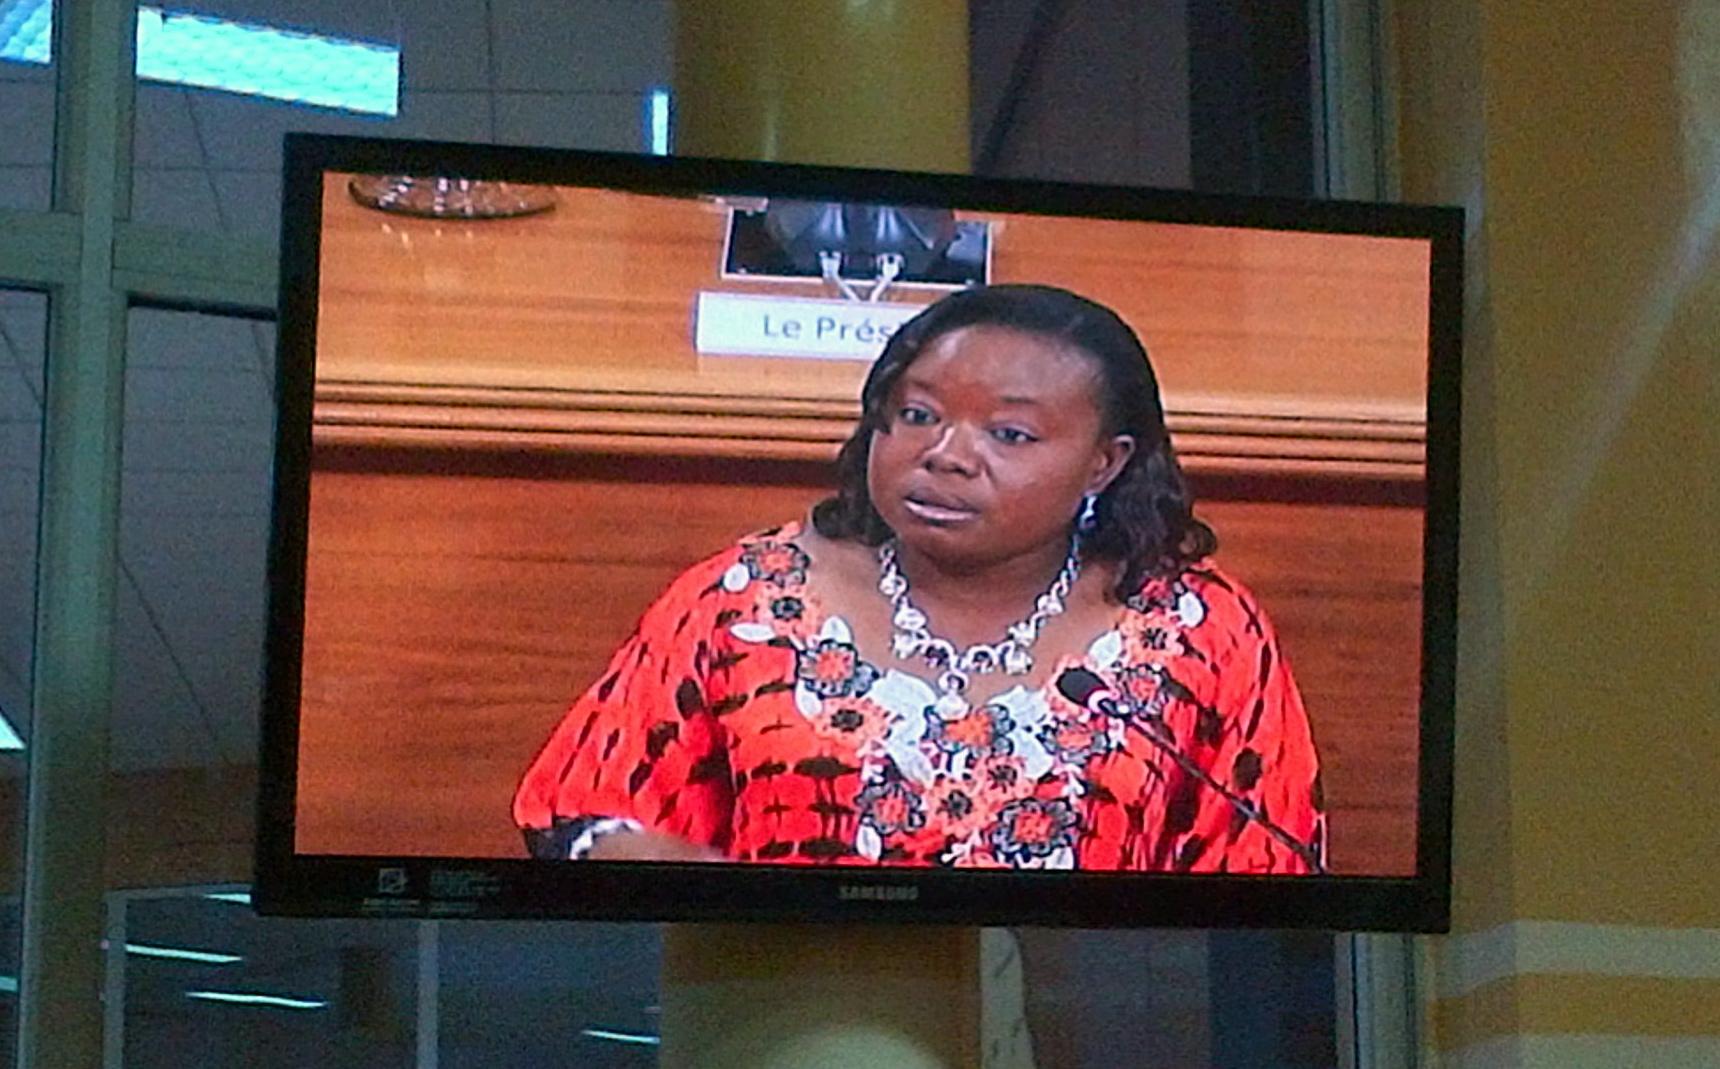 C'est le ministre de la promotion des droits humains, Julie Nignan Somda, qui était à l'hémicycle pour défendre la loi. (Ph.B24)